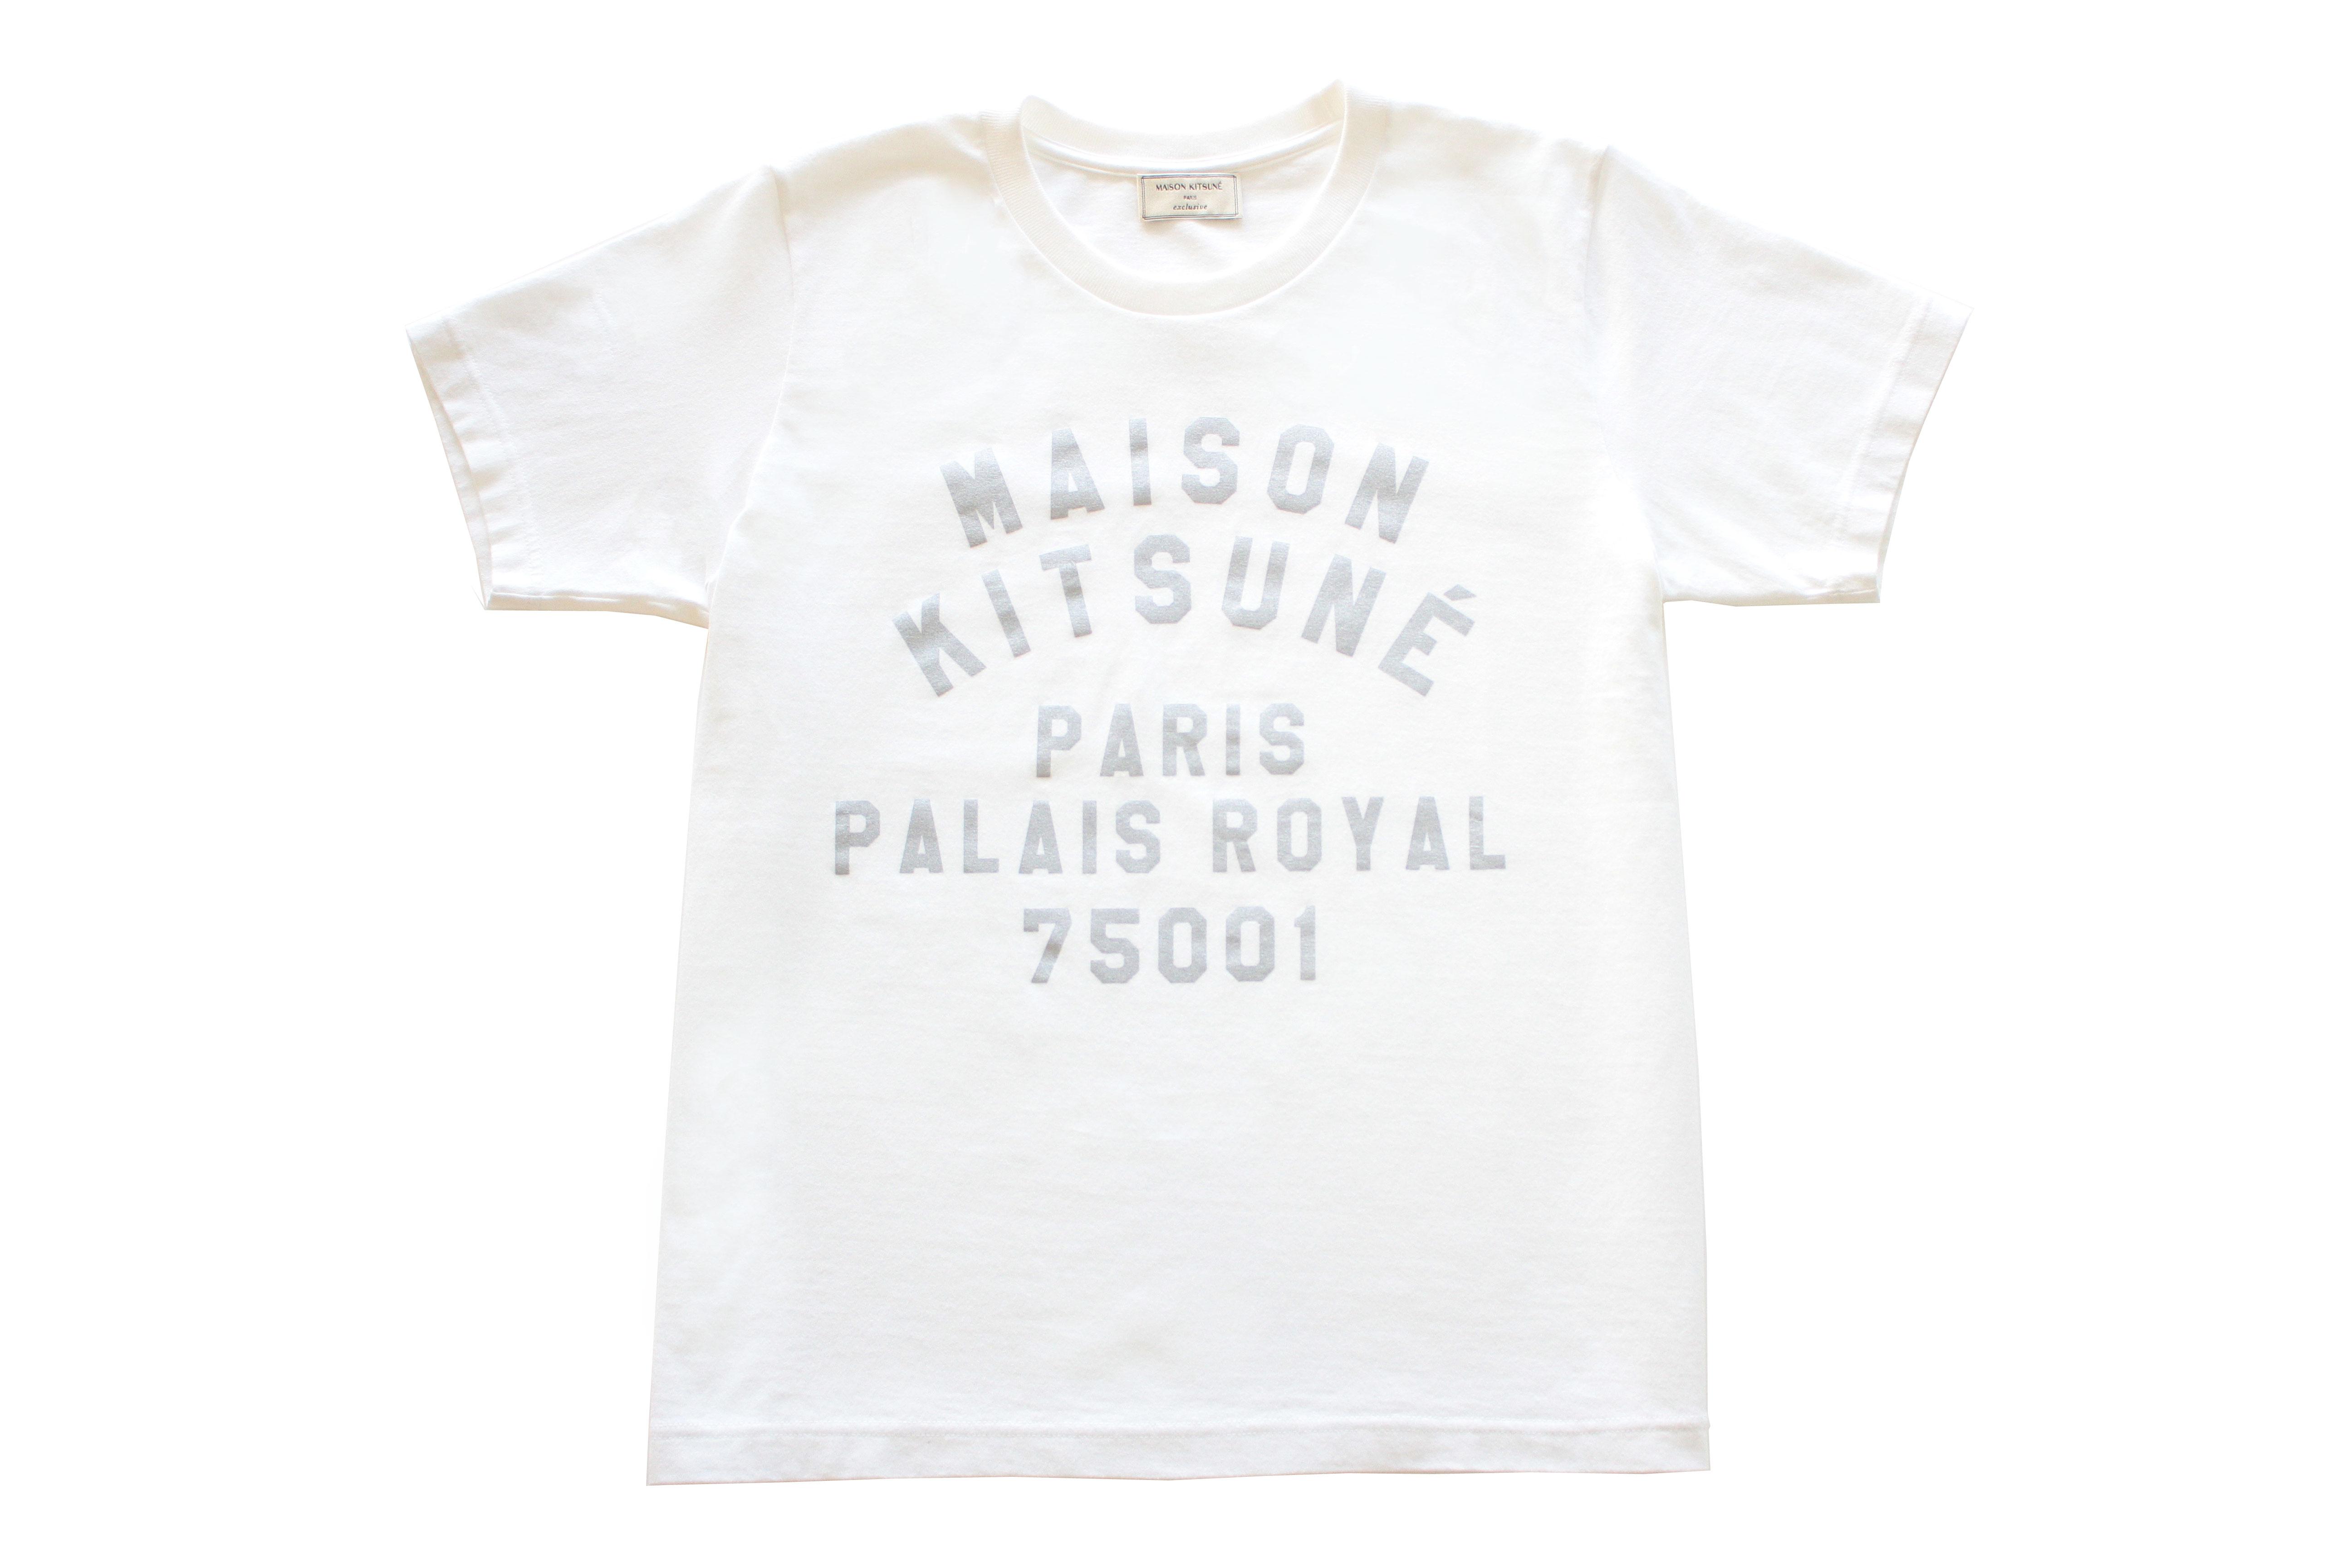 12,000円 + 税